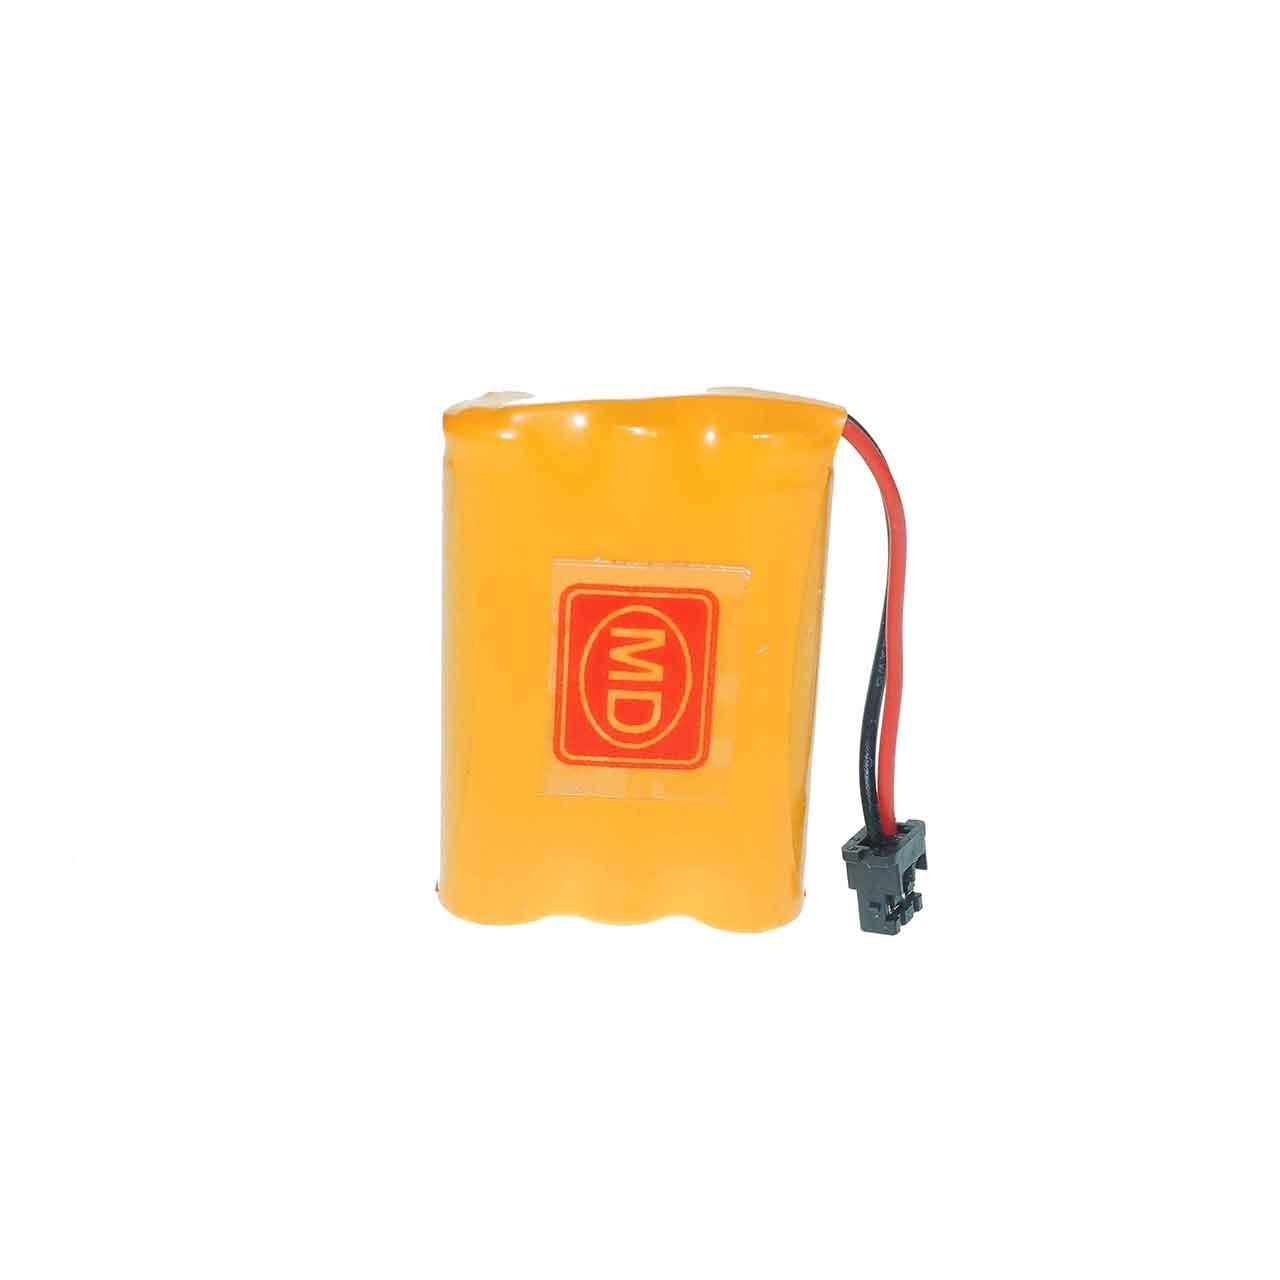 قیمت                      باتری تلفن بی سیم MD مدلHHR-P102